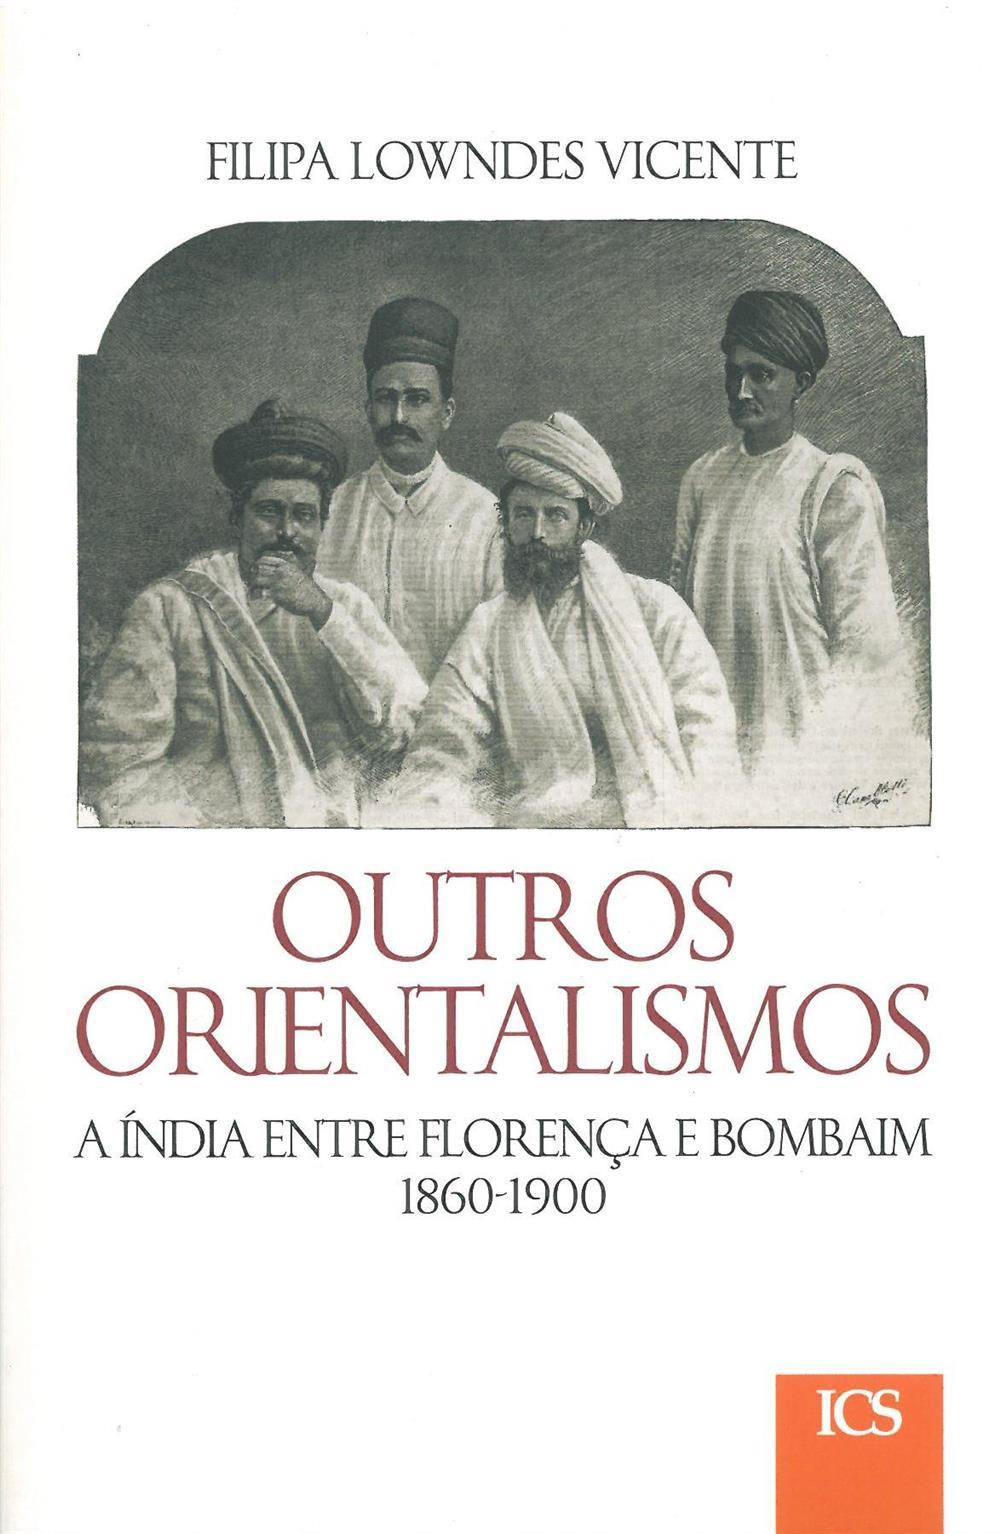 Outros orientalismos.jpg